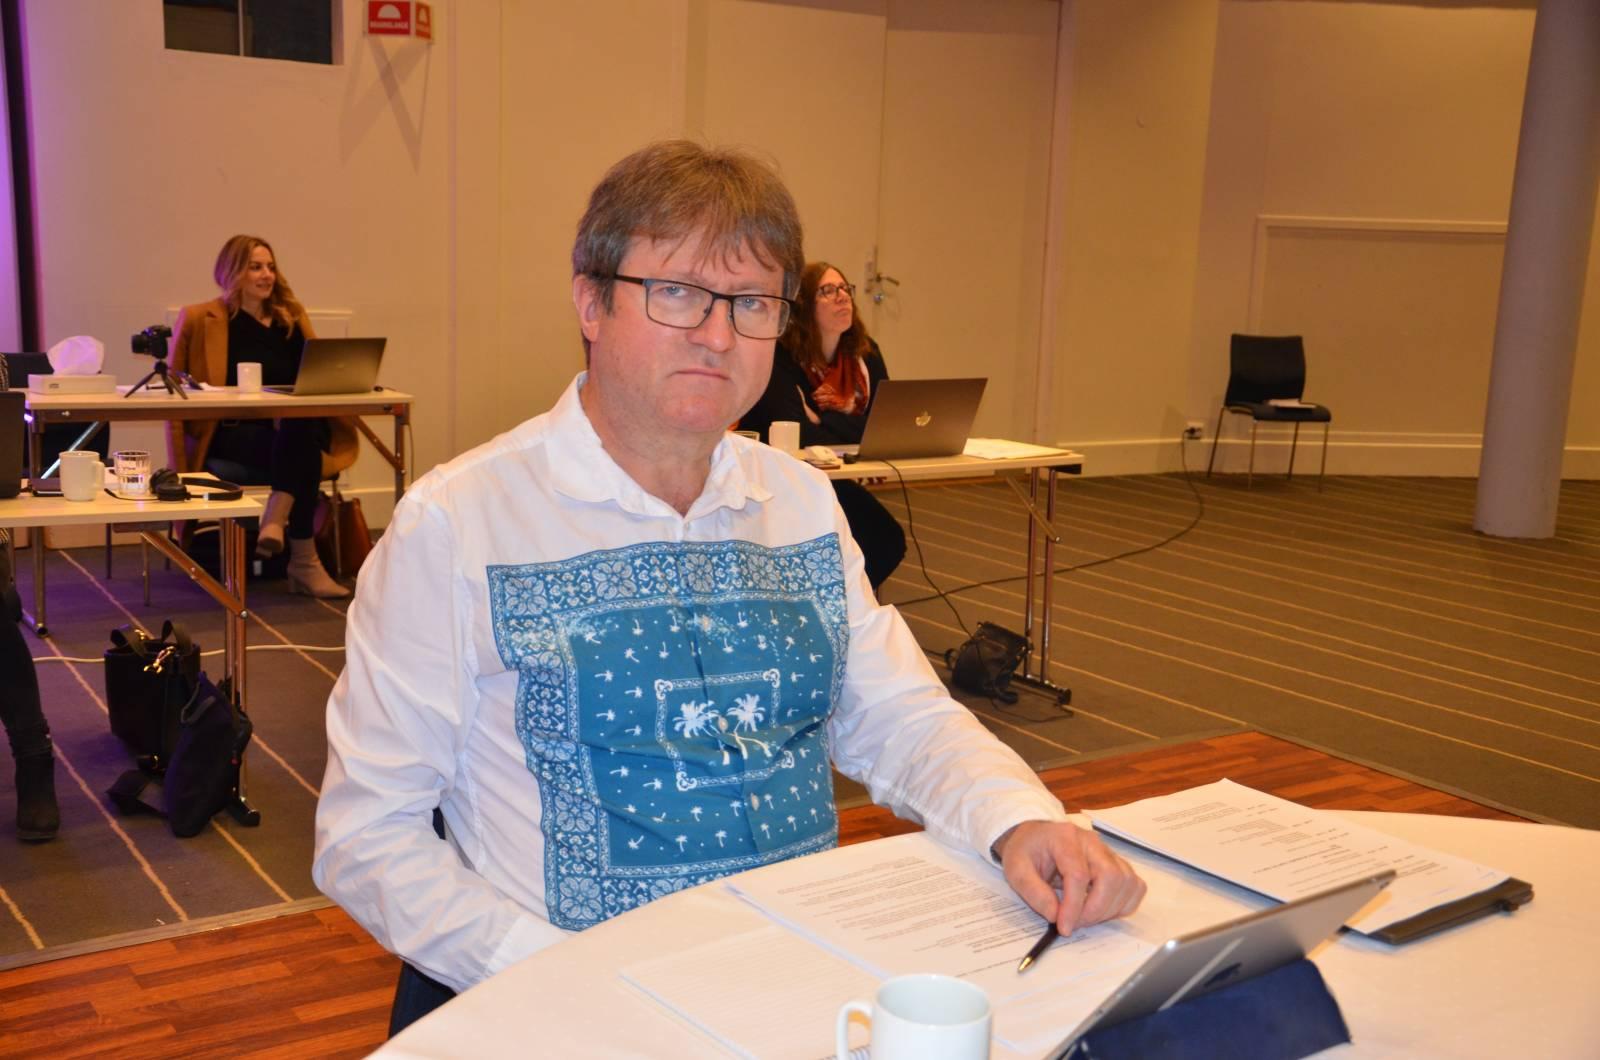 Roy Erling Furre